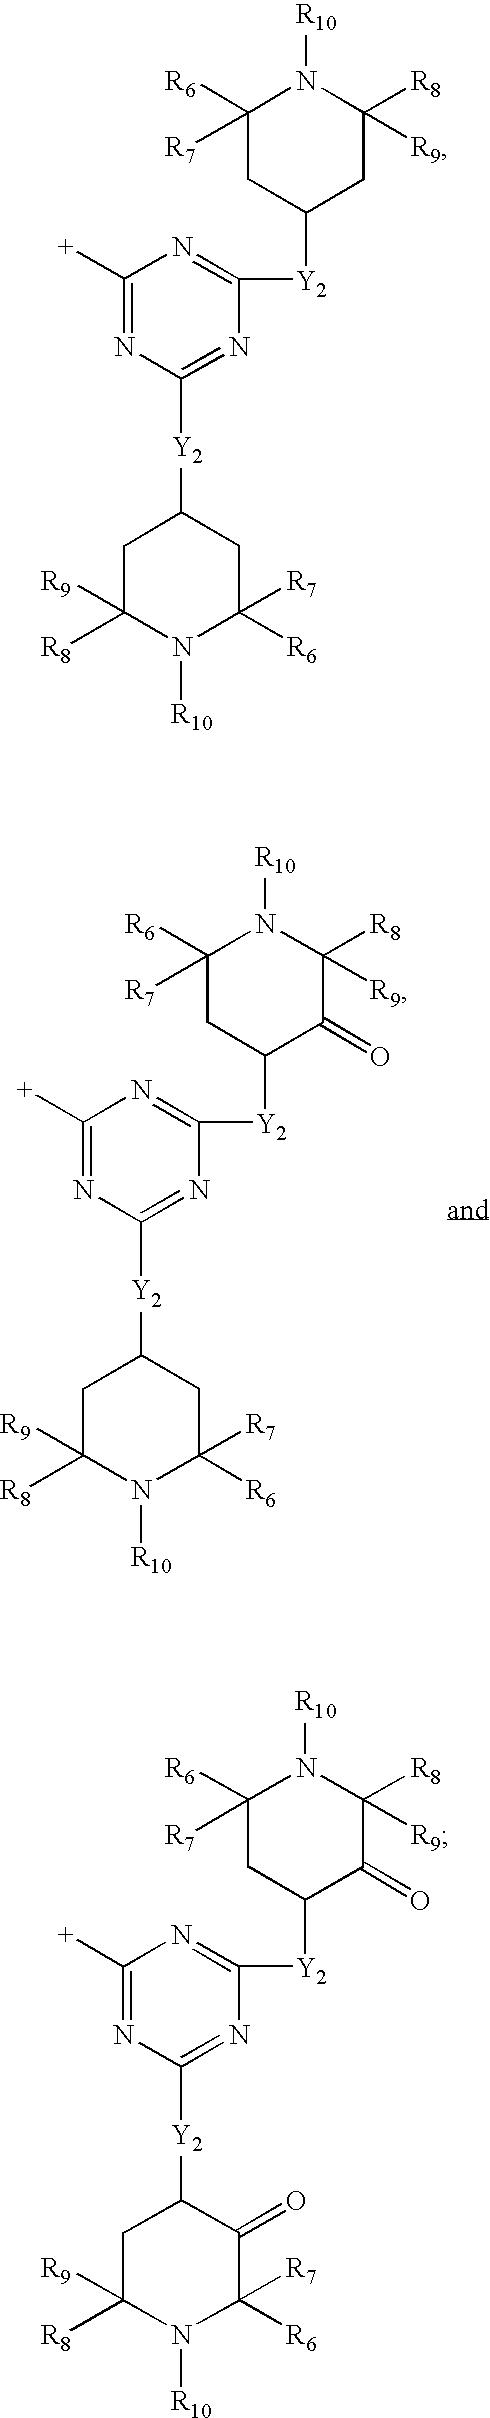 Figure US20050288400A1-20051229-C00033